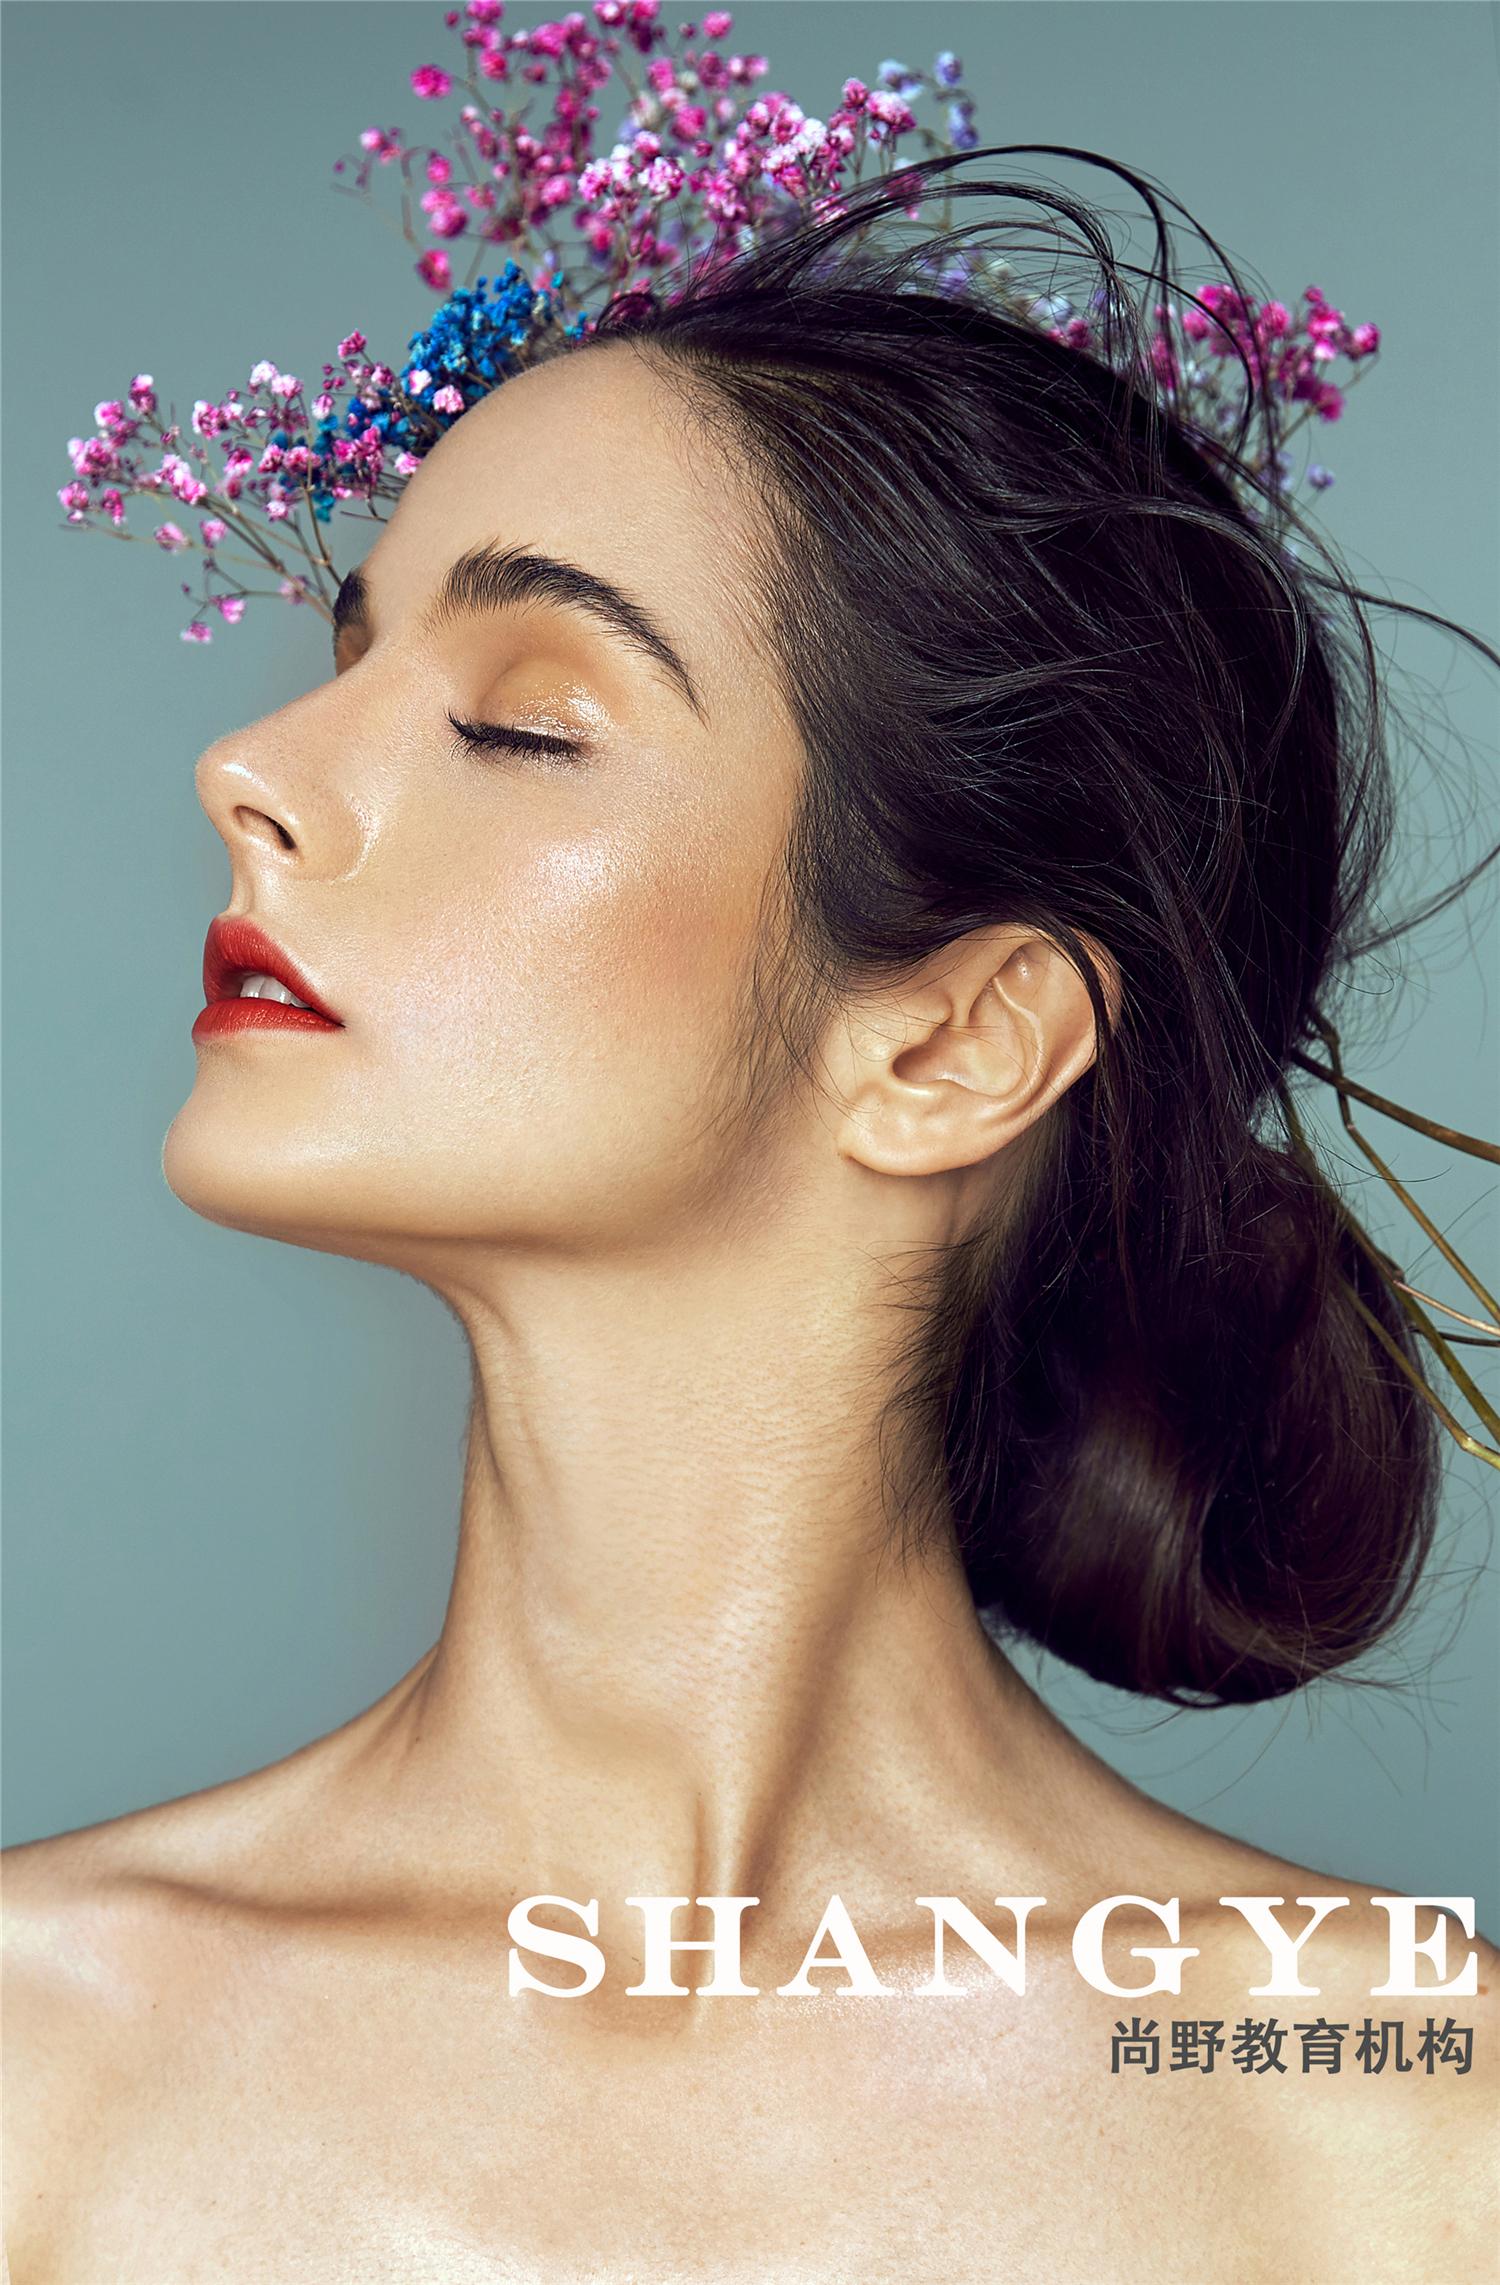 彩妆创意妆面造型图片